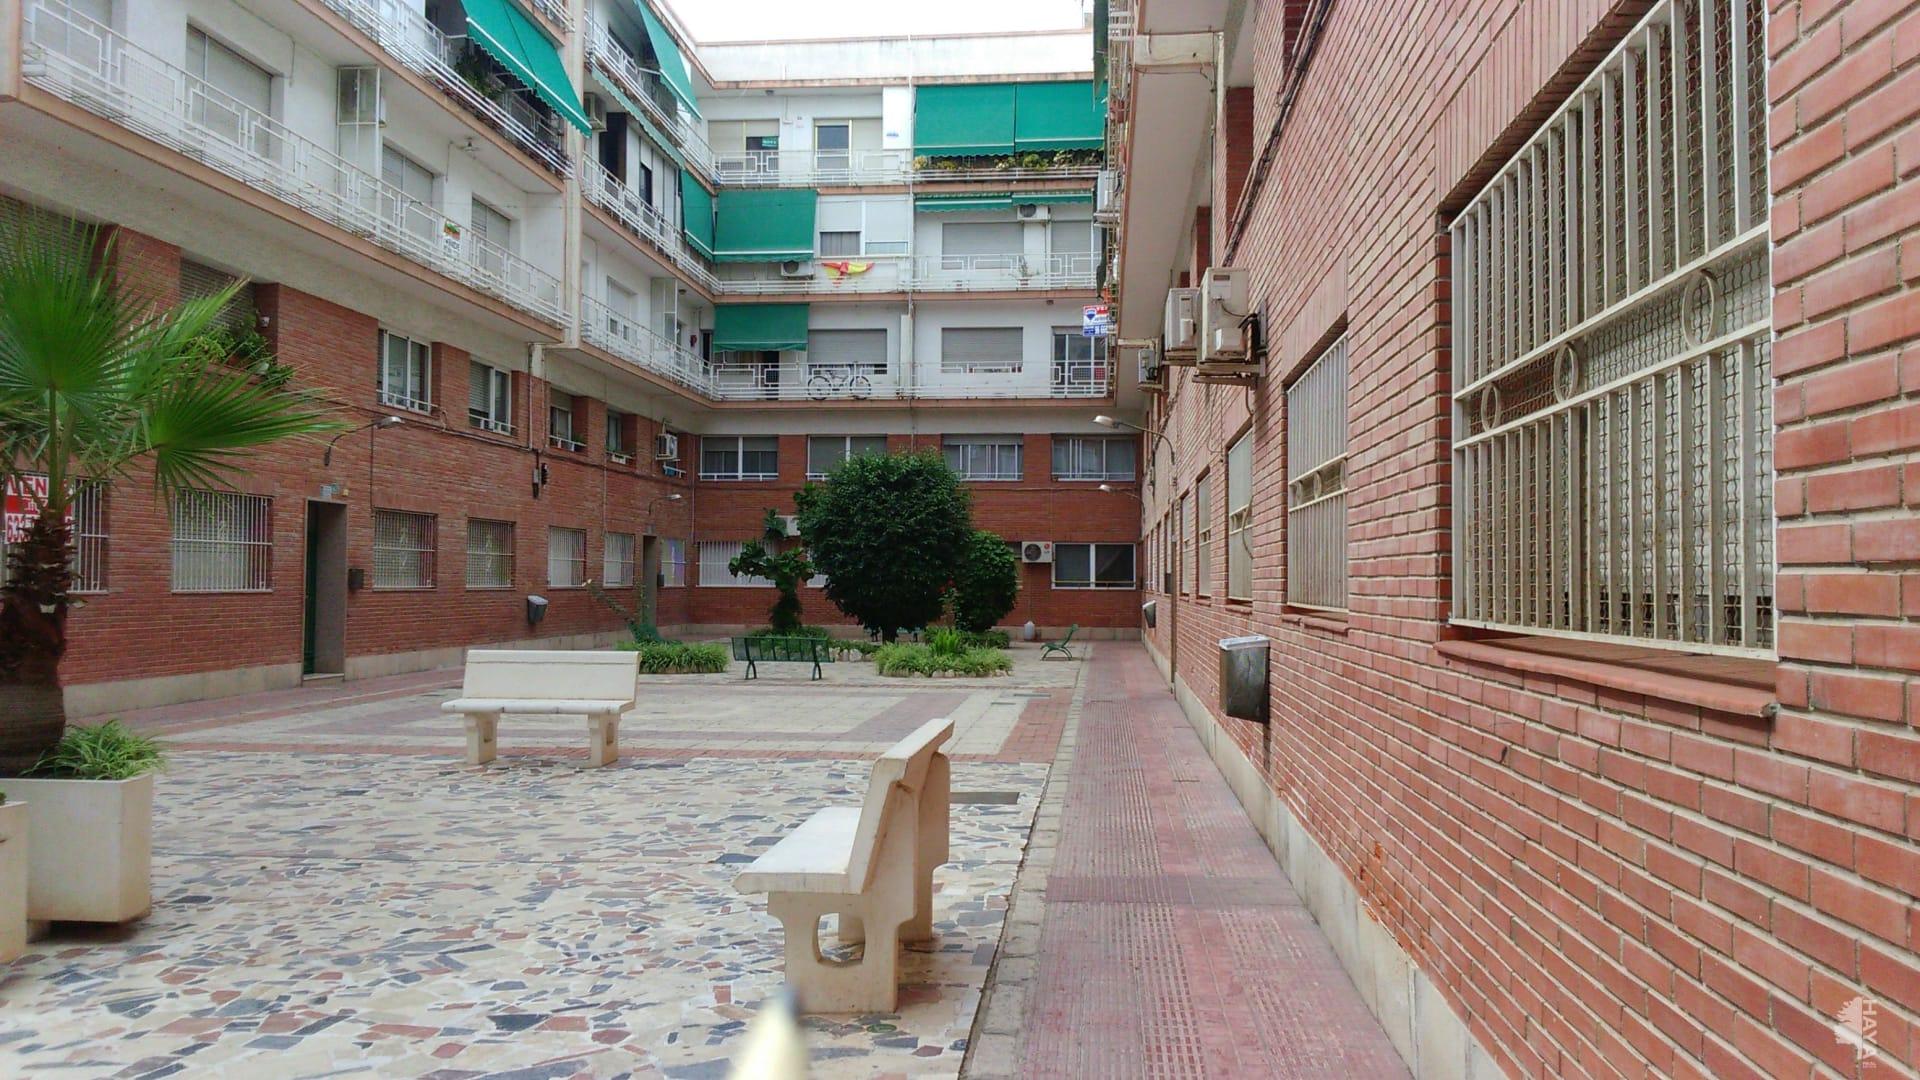 Piso en venta en Raval Roig, Alicante/alacant, Alicante, Calle Arquitecto Vidal, 79.500 €, 4 habitaciones, 2 baños, 85 m2